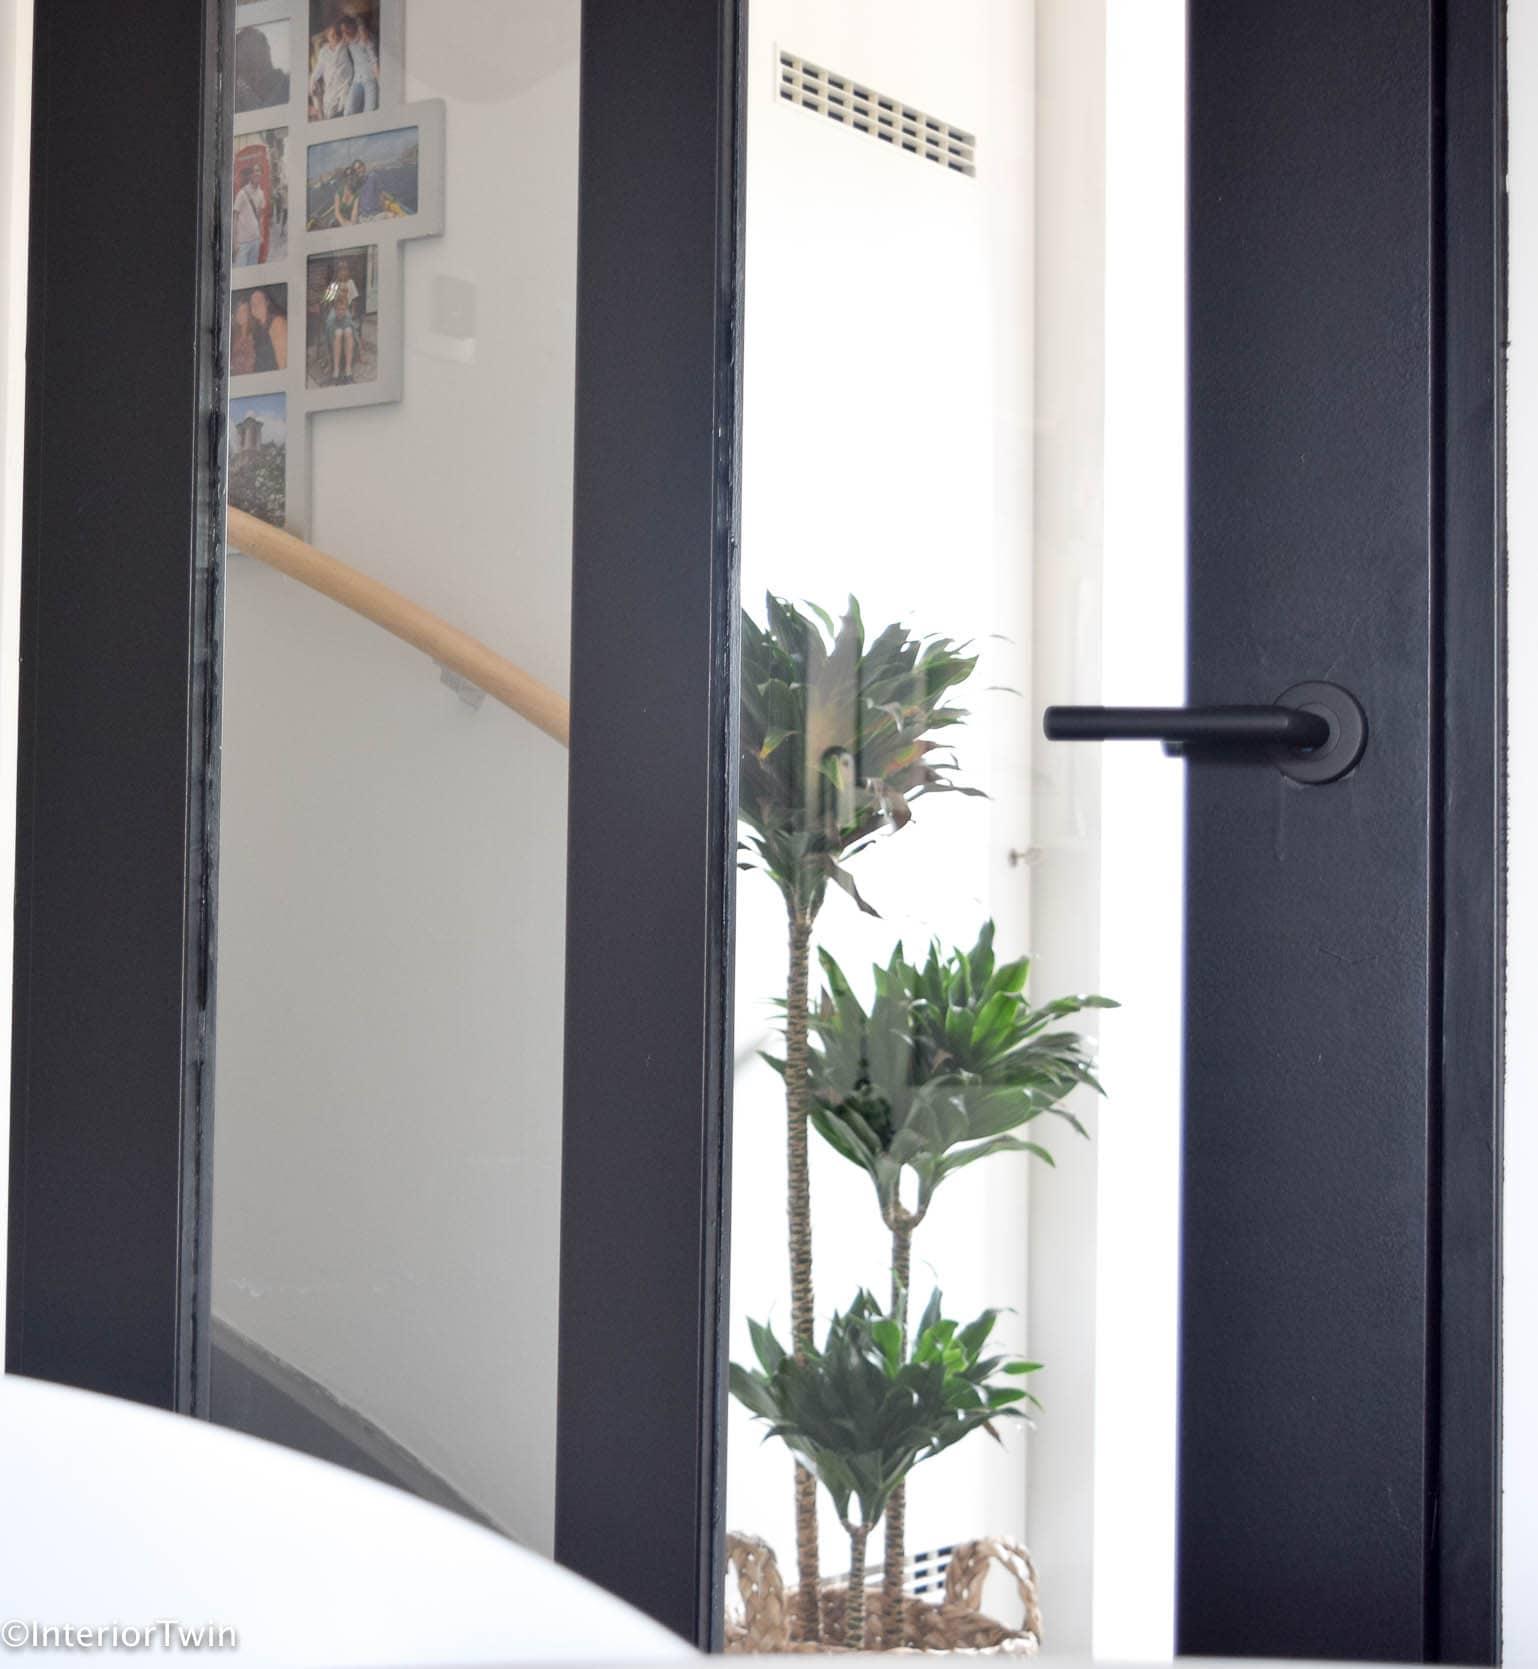 Hoe een nieuwe deur in huis HET verschil maakt  InteriorTwin